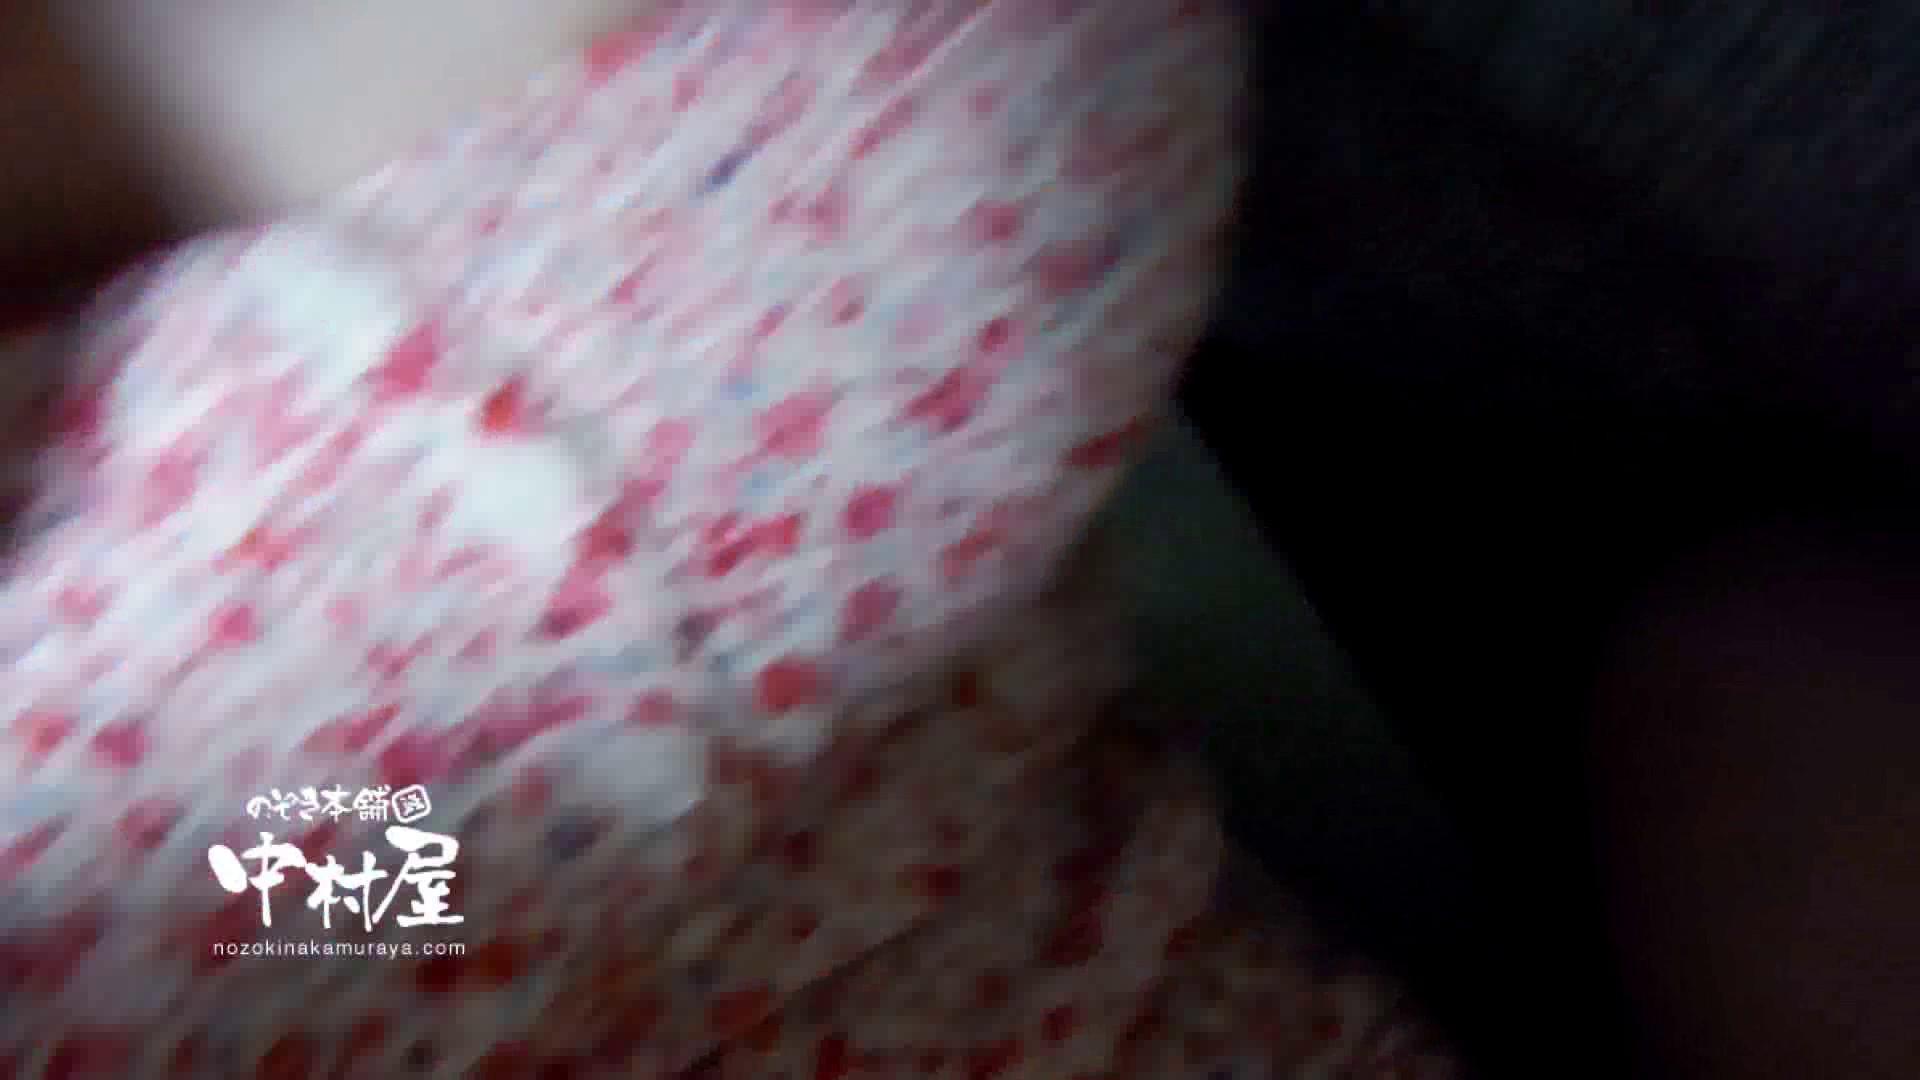 鬼畜 vol.16 実はマンざらでもない柔らかおっぱいちゃん 前編 鬼畜 | OLヌード天国  95PIX 34